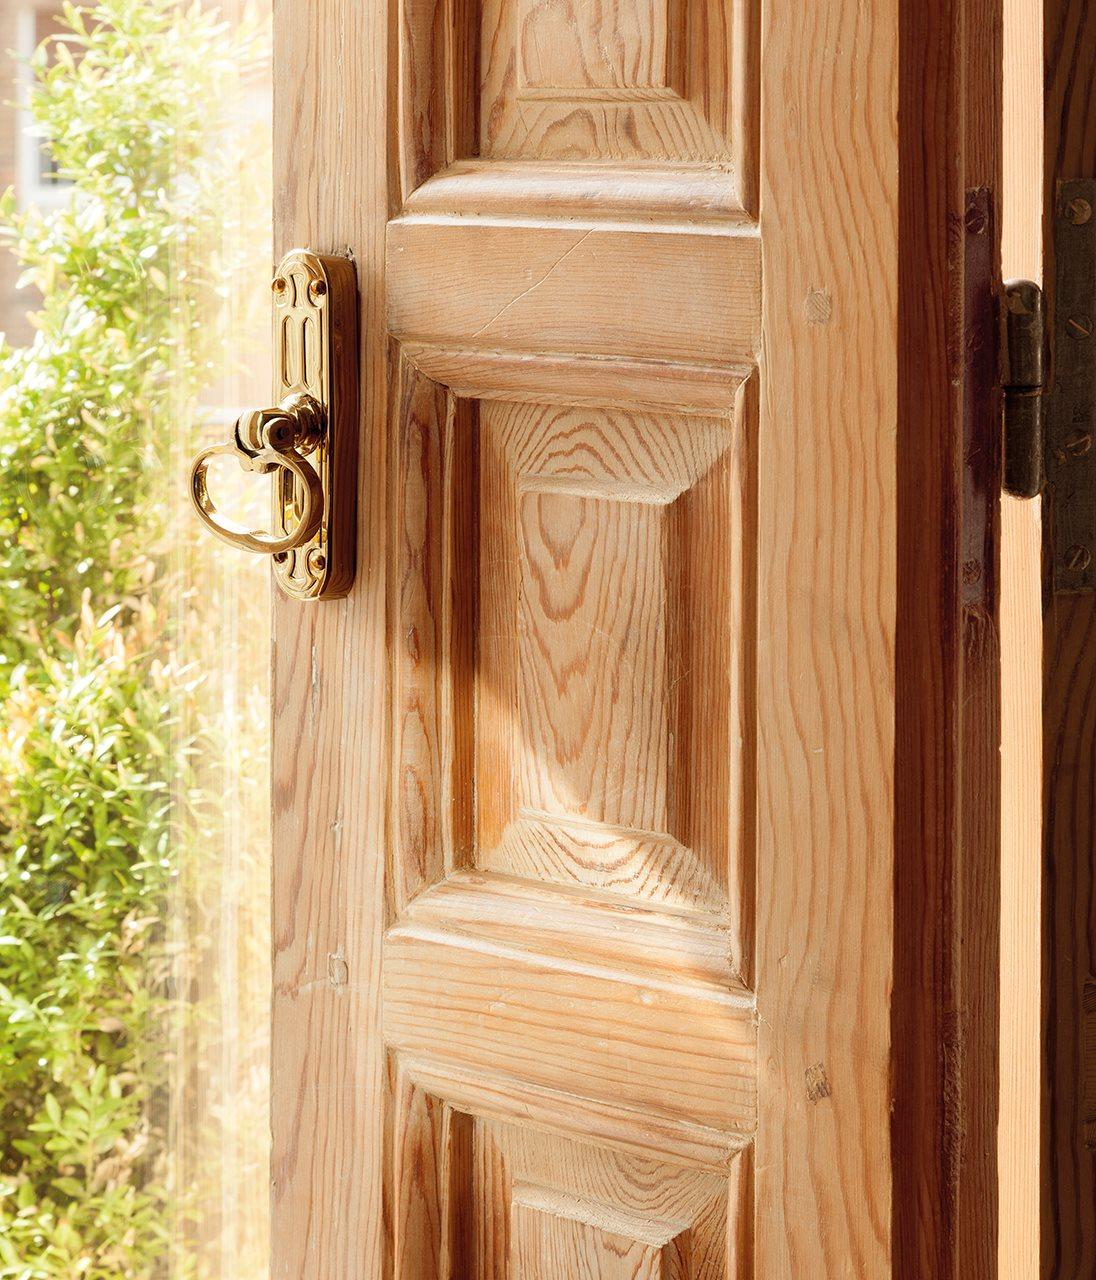 Detalle de puerta de madera. Bisagras perfectas